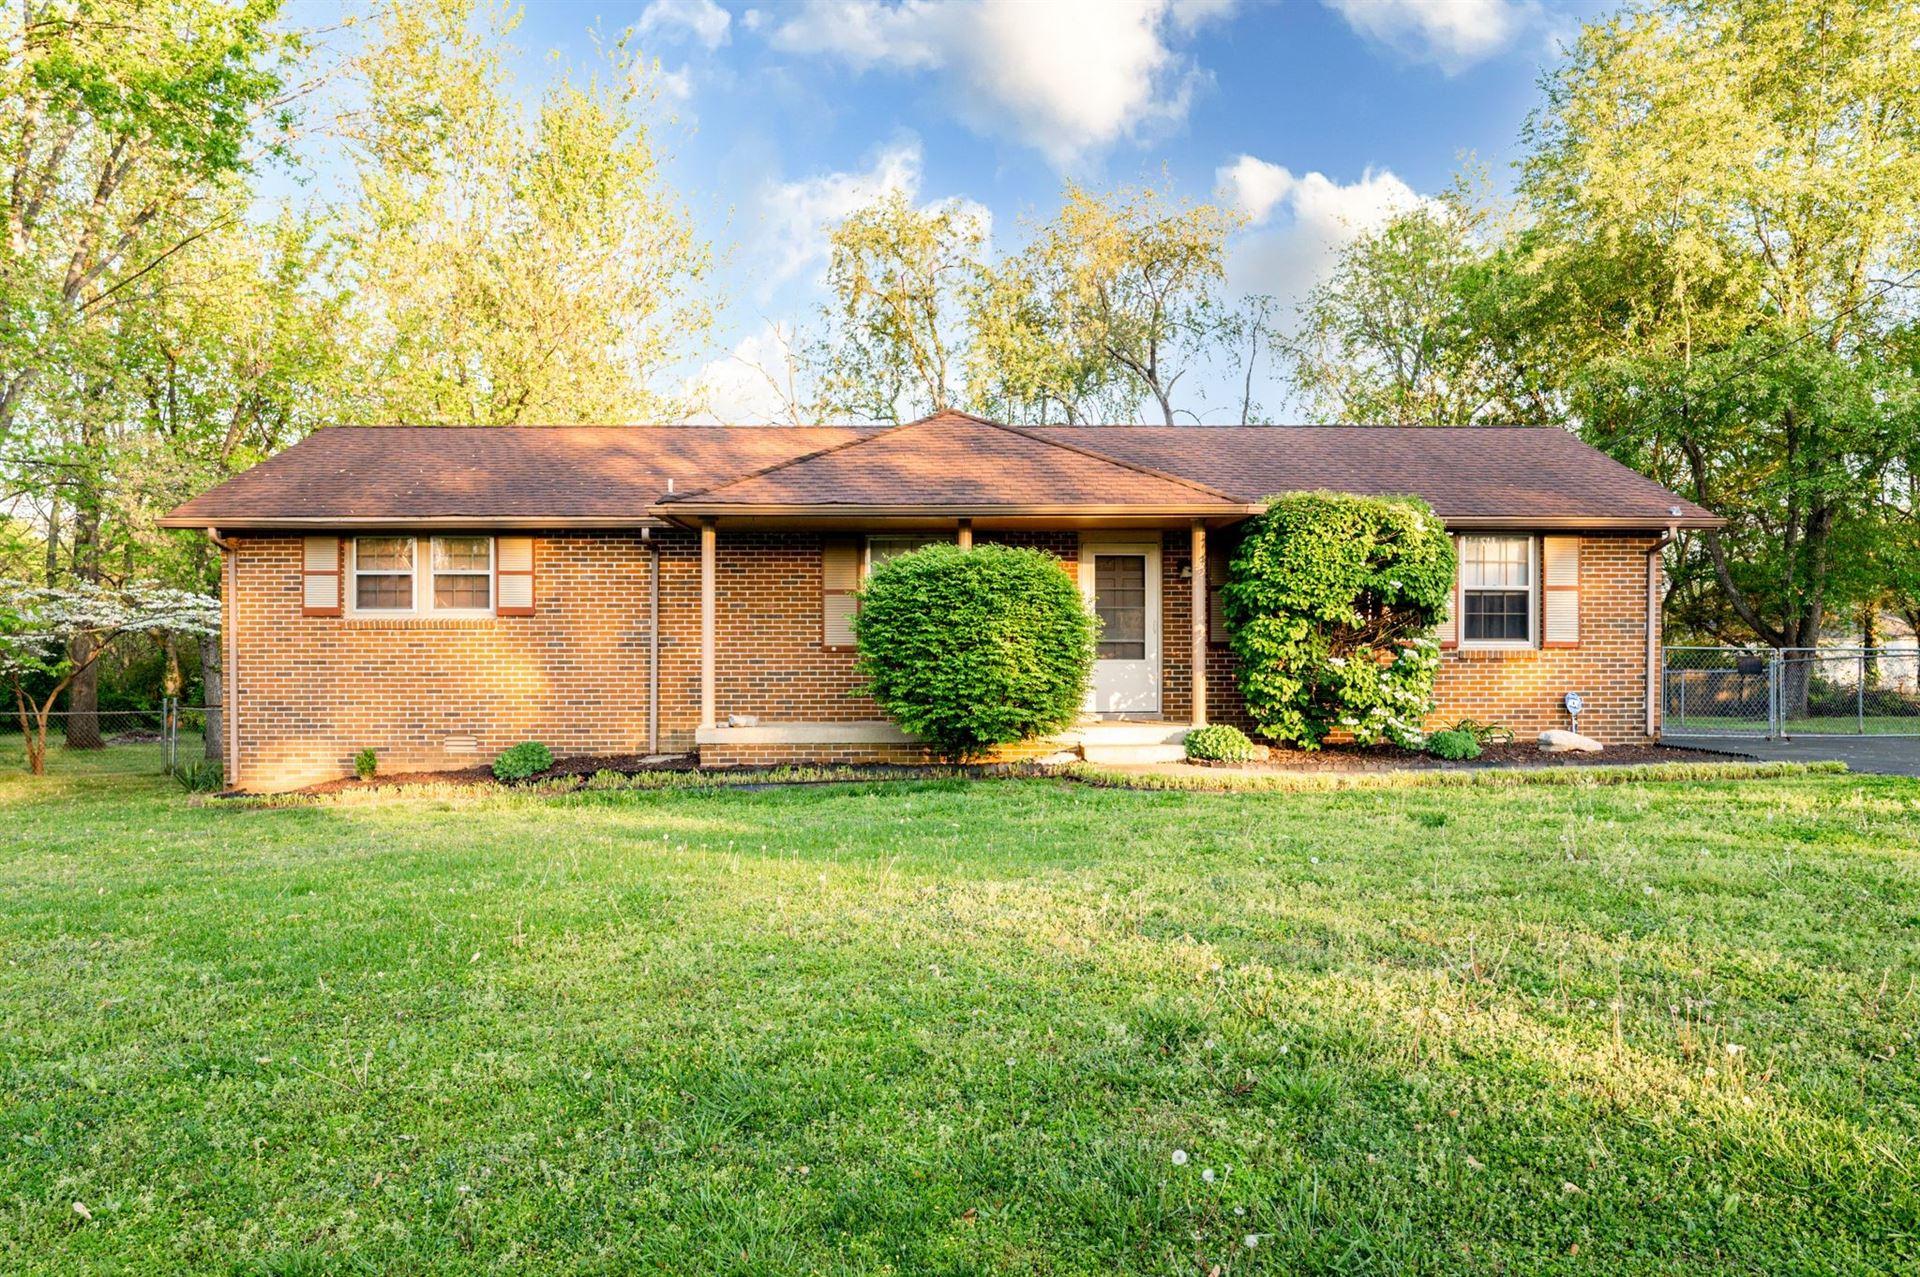 Photo of 6724 Scenic Drive, Murfreesboro, TN 37129 (MLS # 2246910)